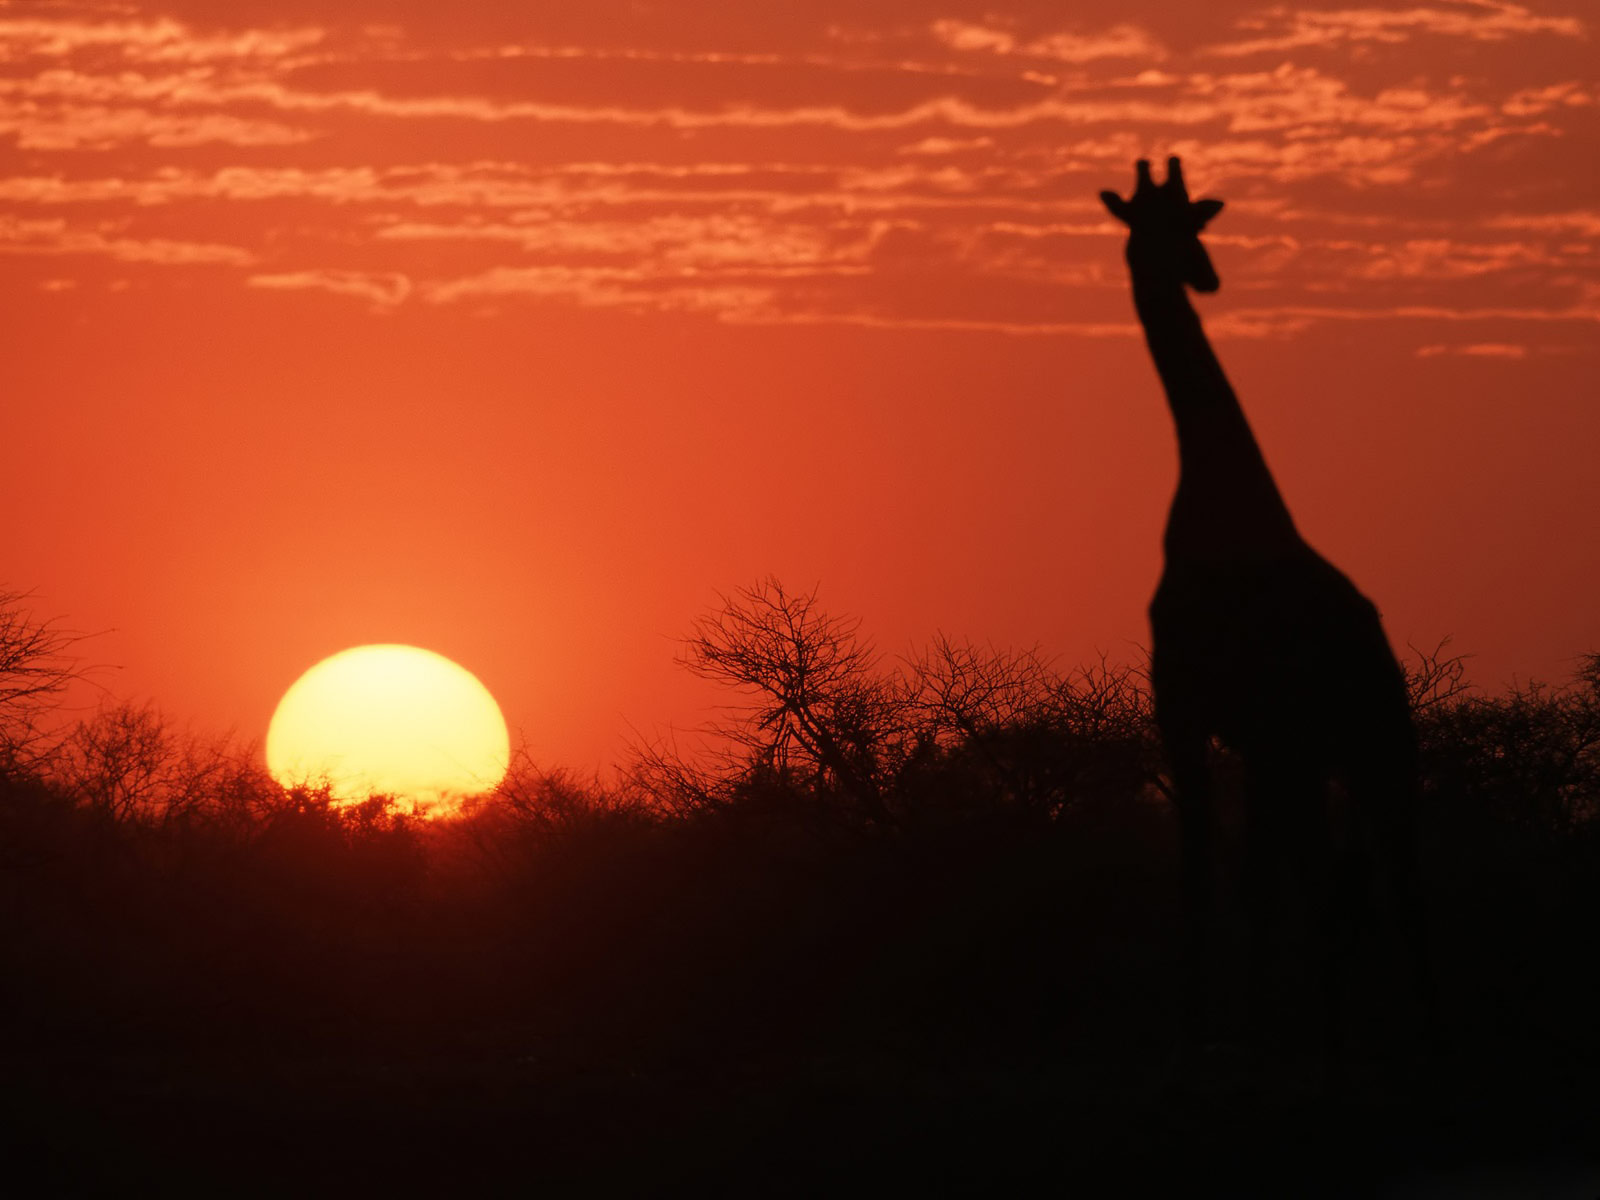 http://4.bp.blogspot.com/-5FED19Vhh1k/TcM1STpYkSI/AAAAAAAABPY/tXKk5HVlDis/s1600/African-Sunset-Wallpaper_0605201101.jpg